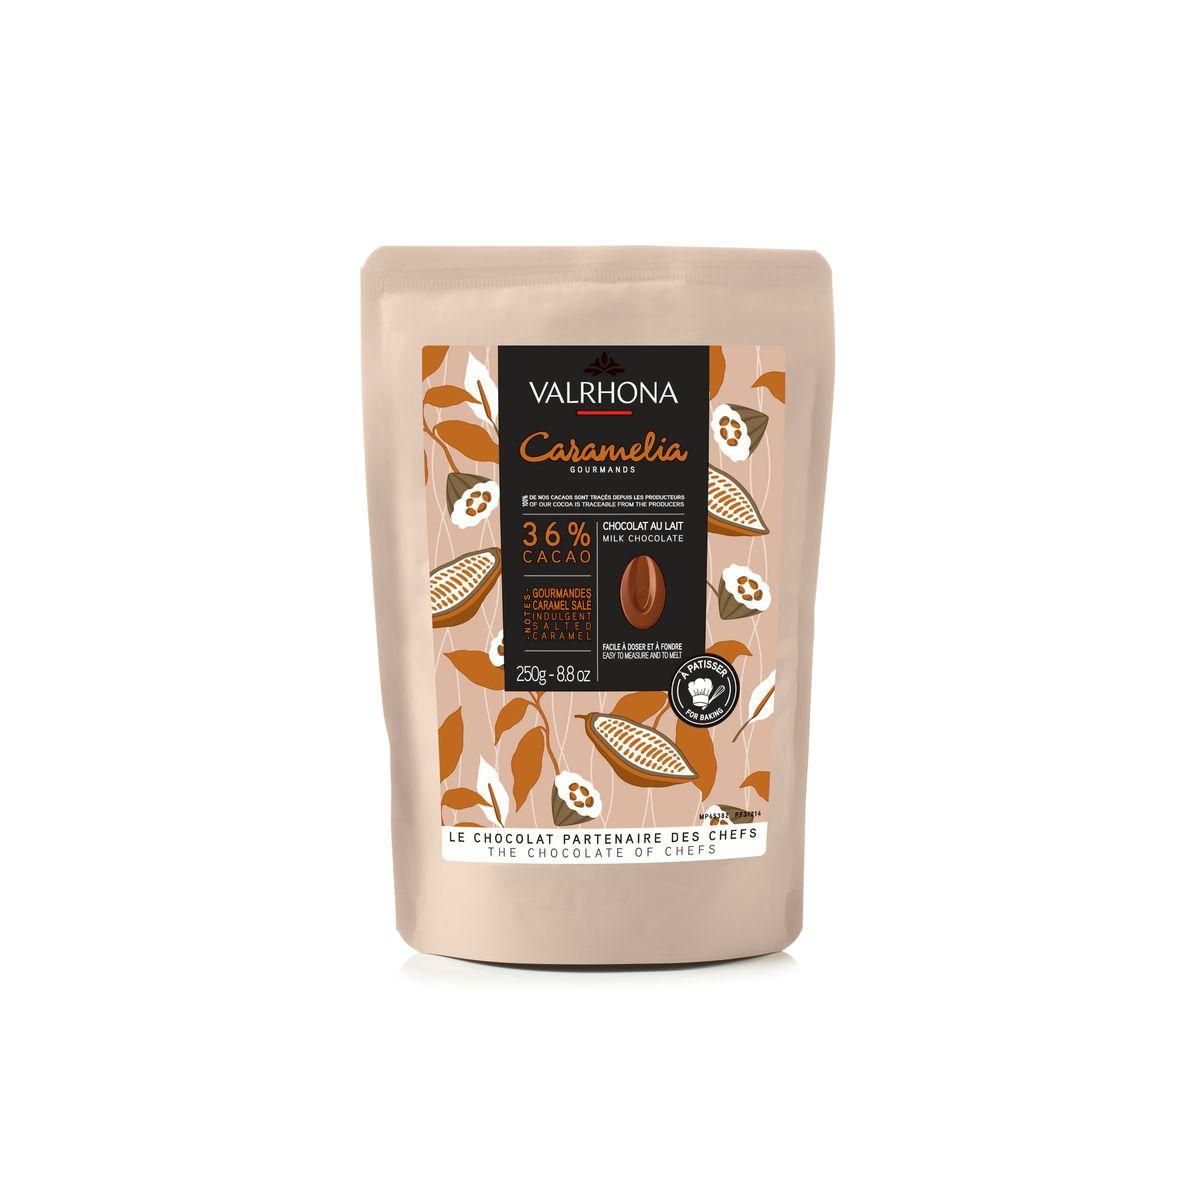 Chocolat au lait et caramel à pâtisser Caramelia 36% 250g - Valrhona